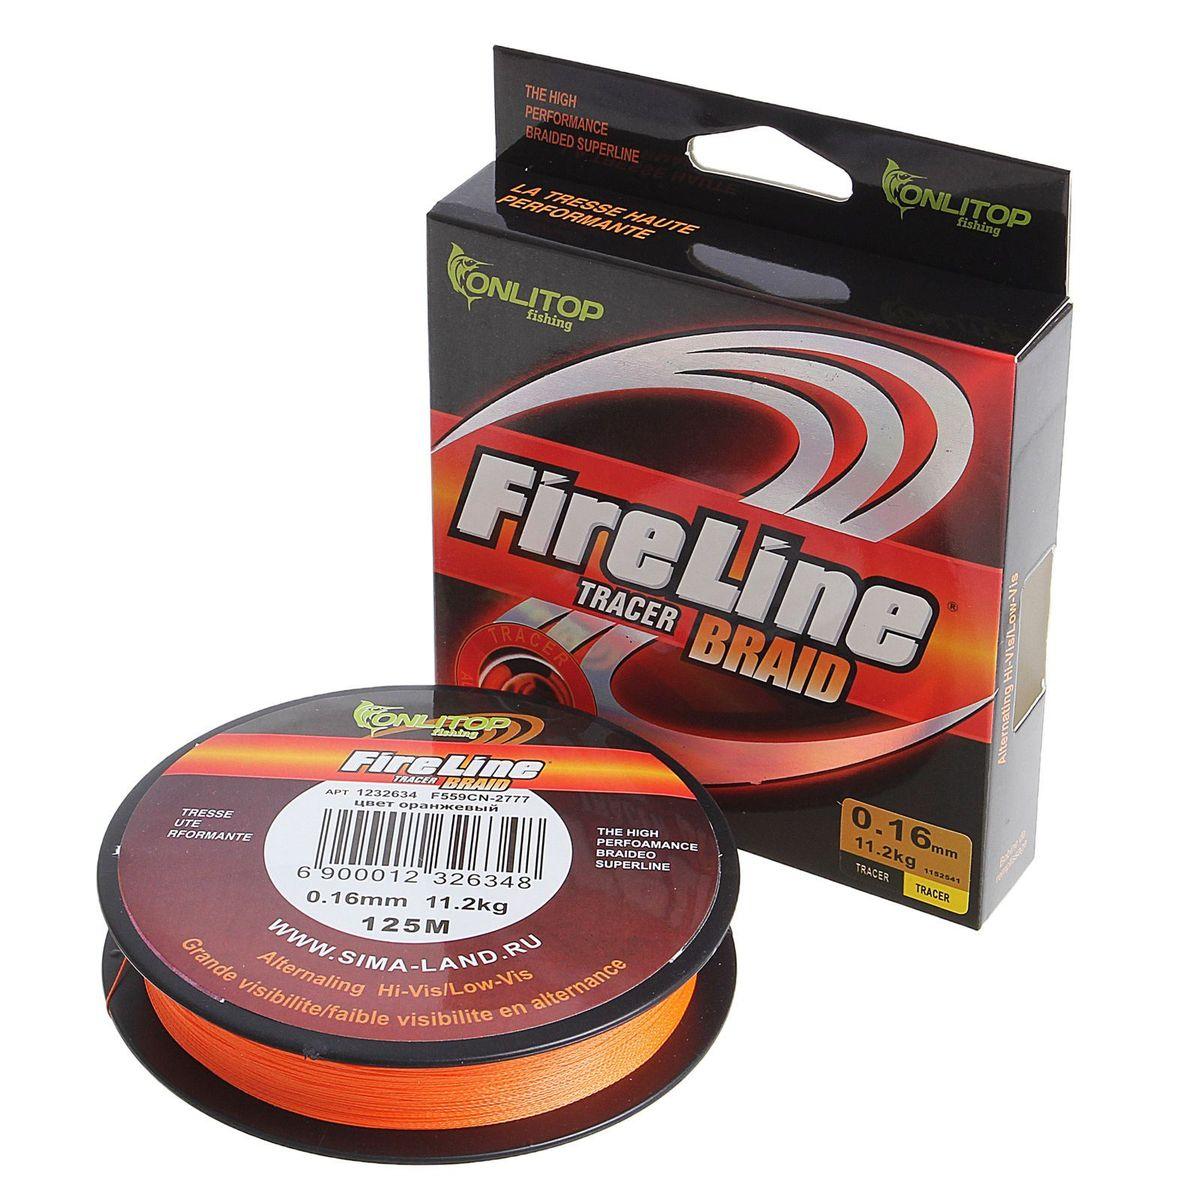 Шнур плетеный Onlitop Easy Cast, цвет: оранжевый, толщина 0,16 мм, длина 125 м